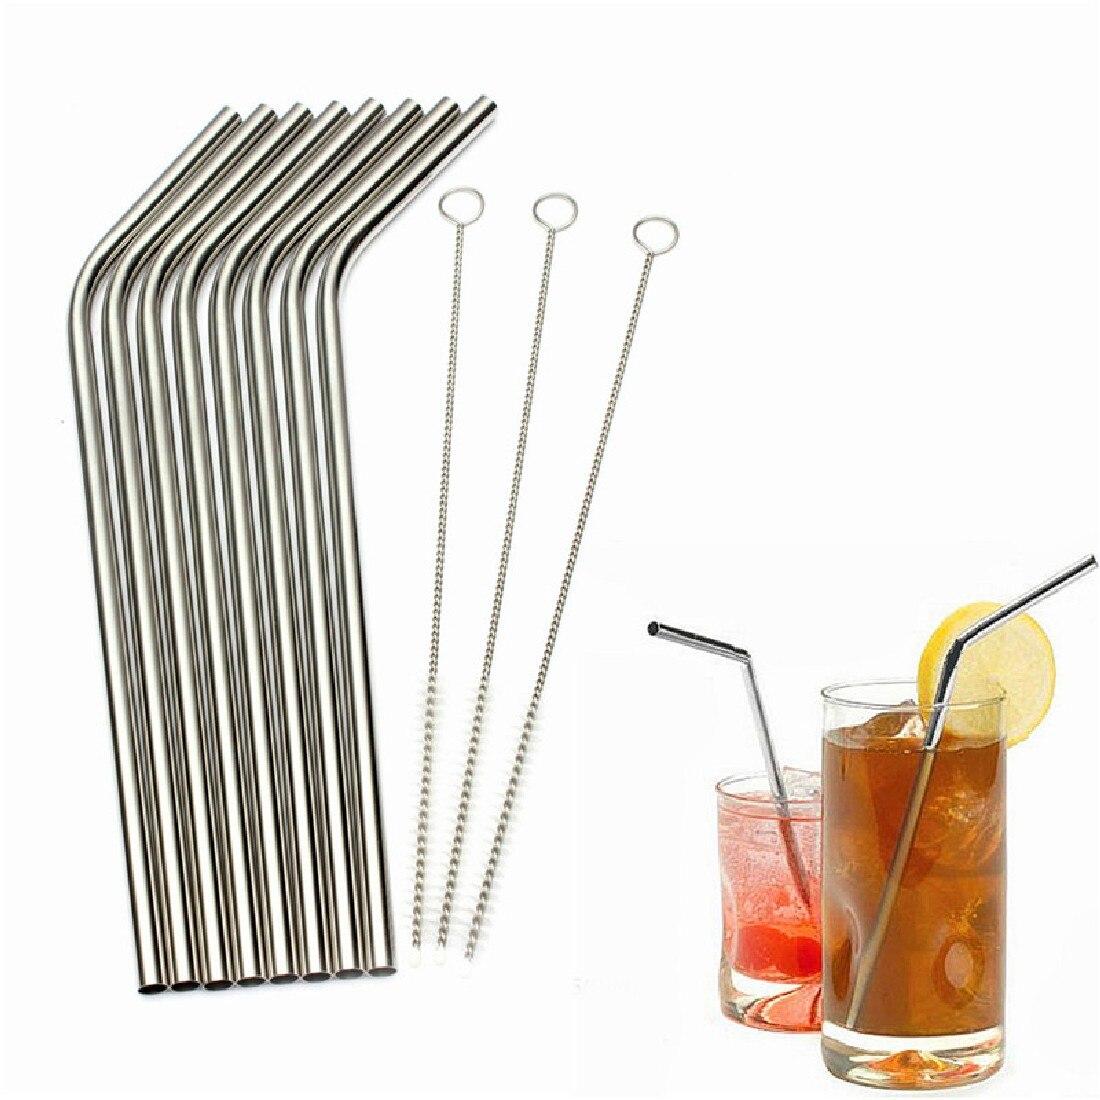 Gut verkauf 8 Stücke Hohe Qualität Umweltfreundliche Edelstahl Metall Stroh Trinkhalm Wiederverwendbare Strohhalme Reiniger Pinsel Set